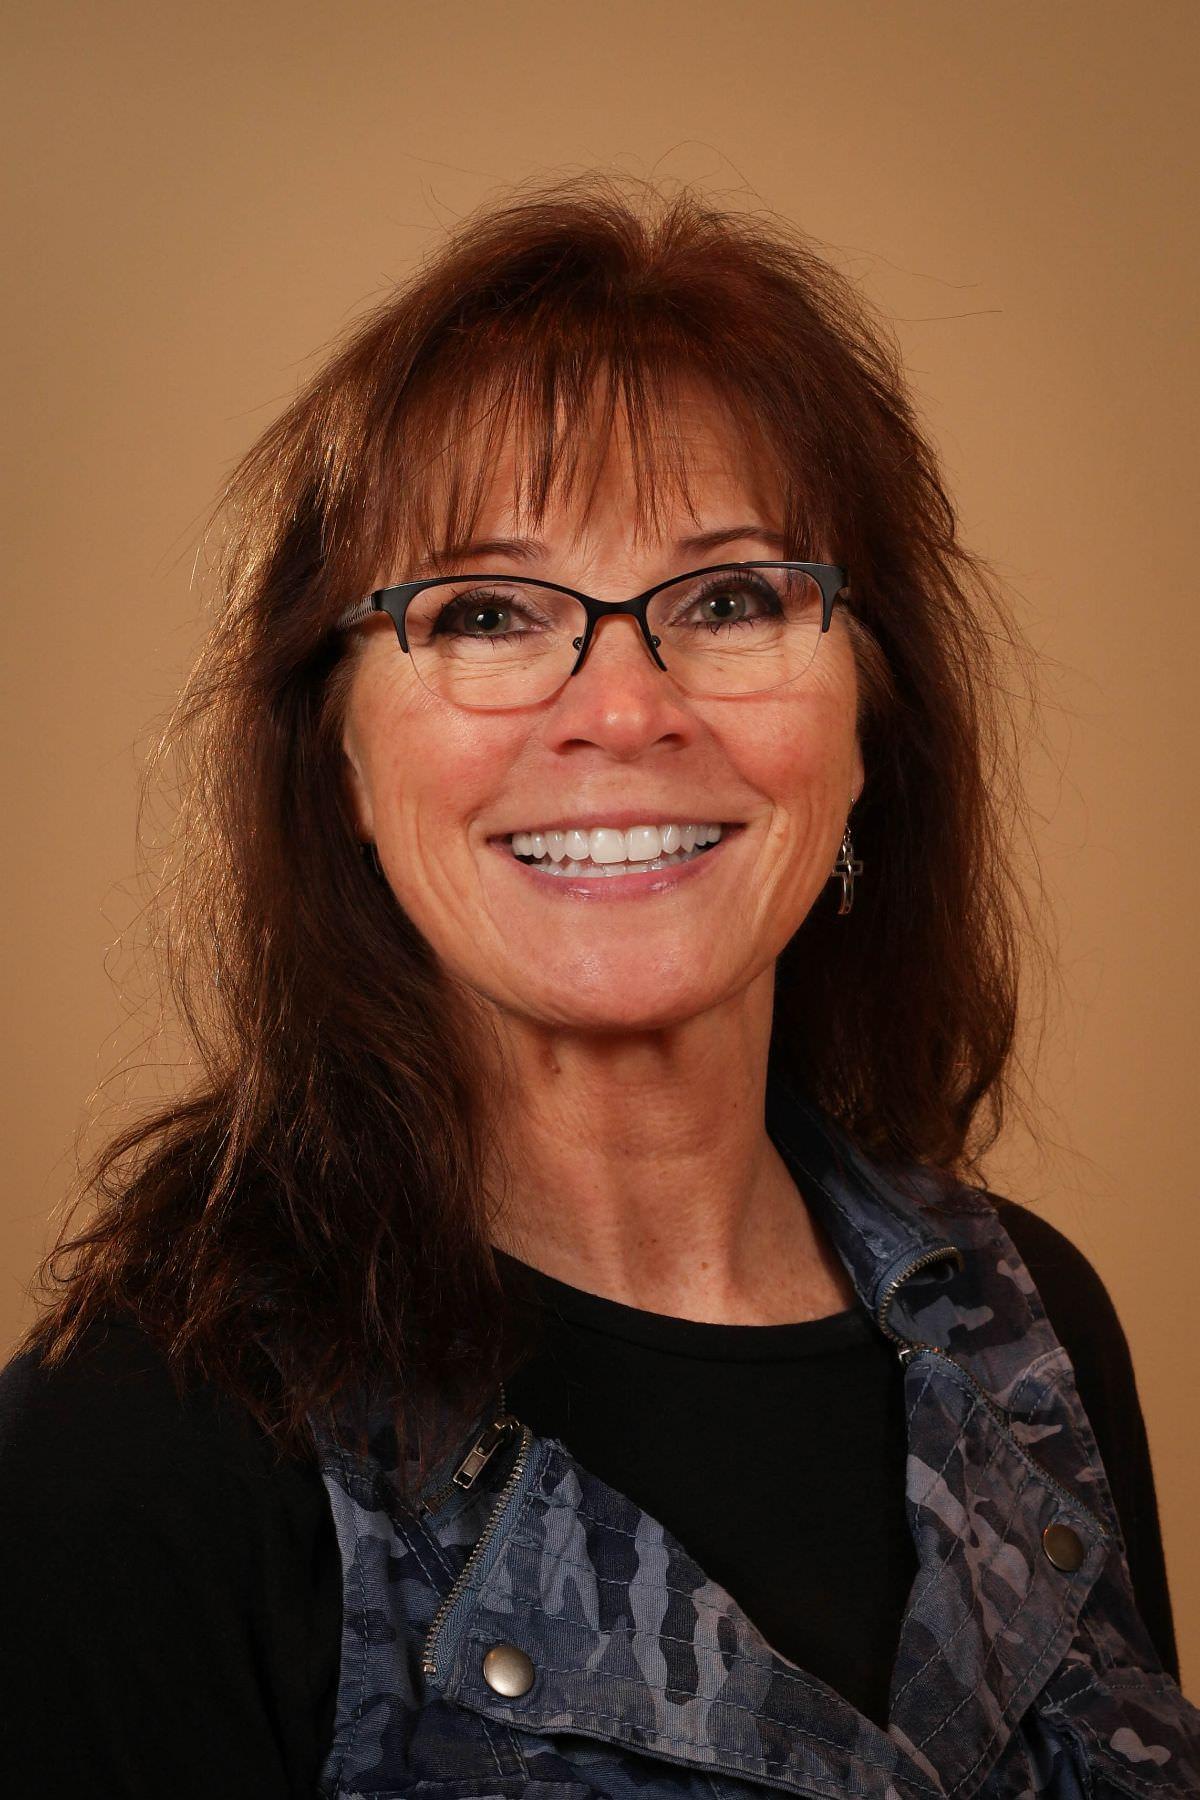 Linda Kasmakites